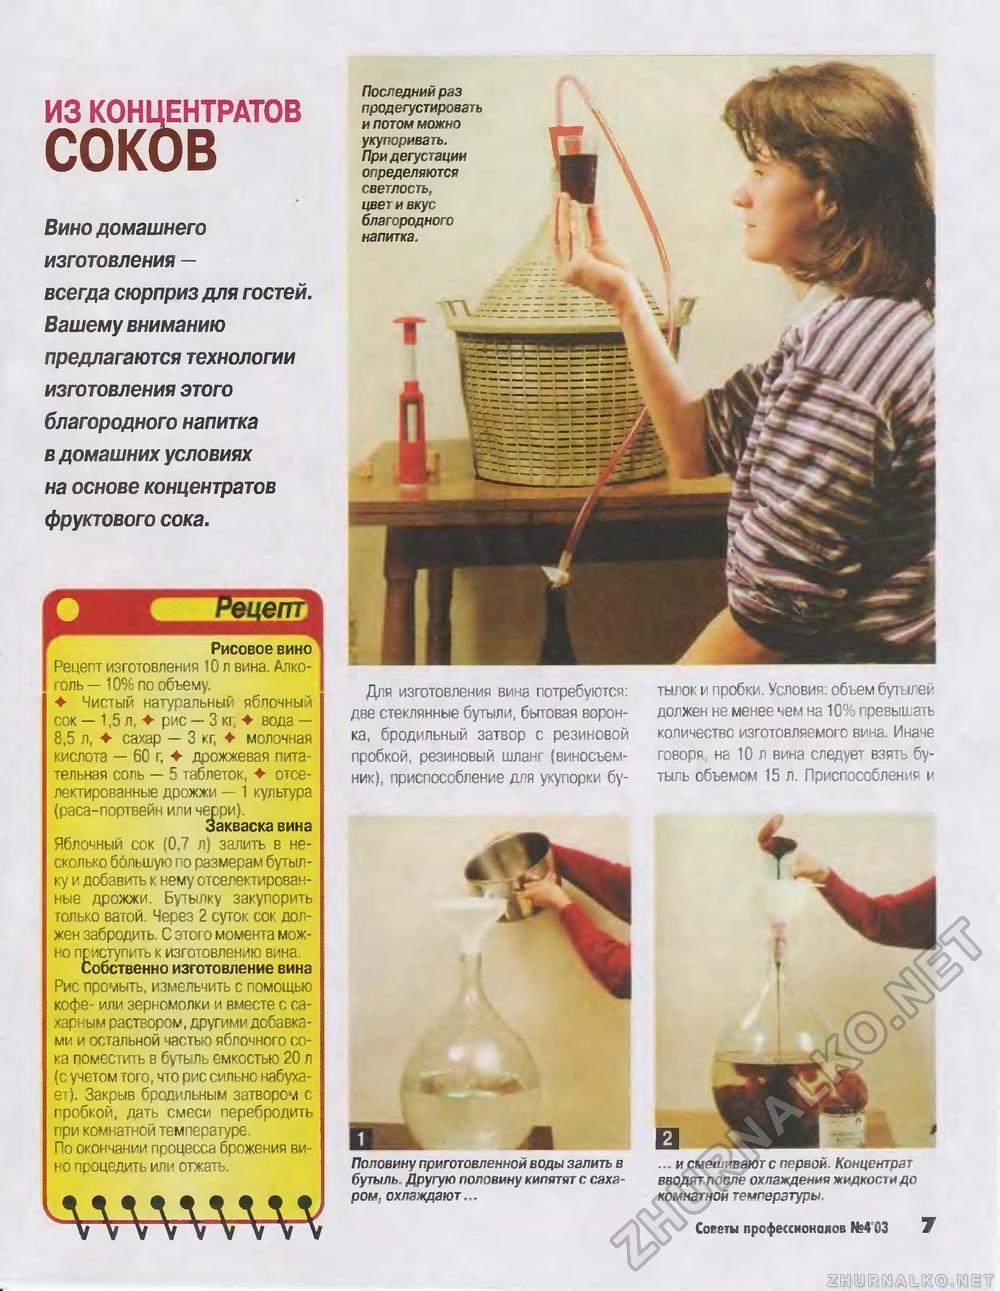 Изготовление соков домашних условиях